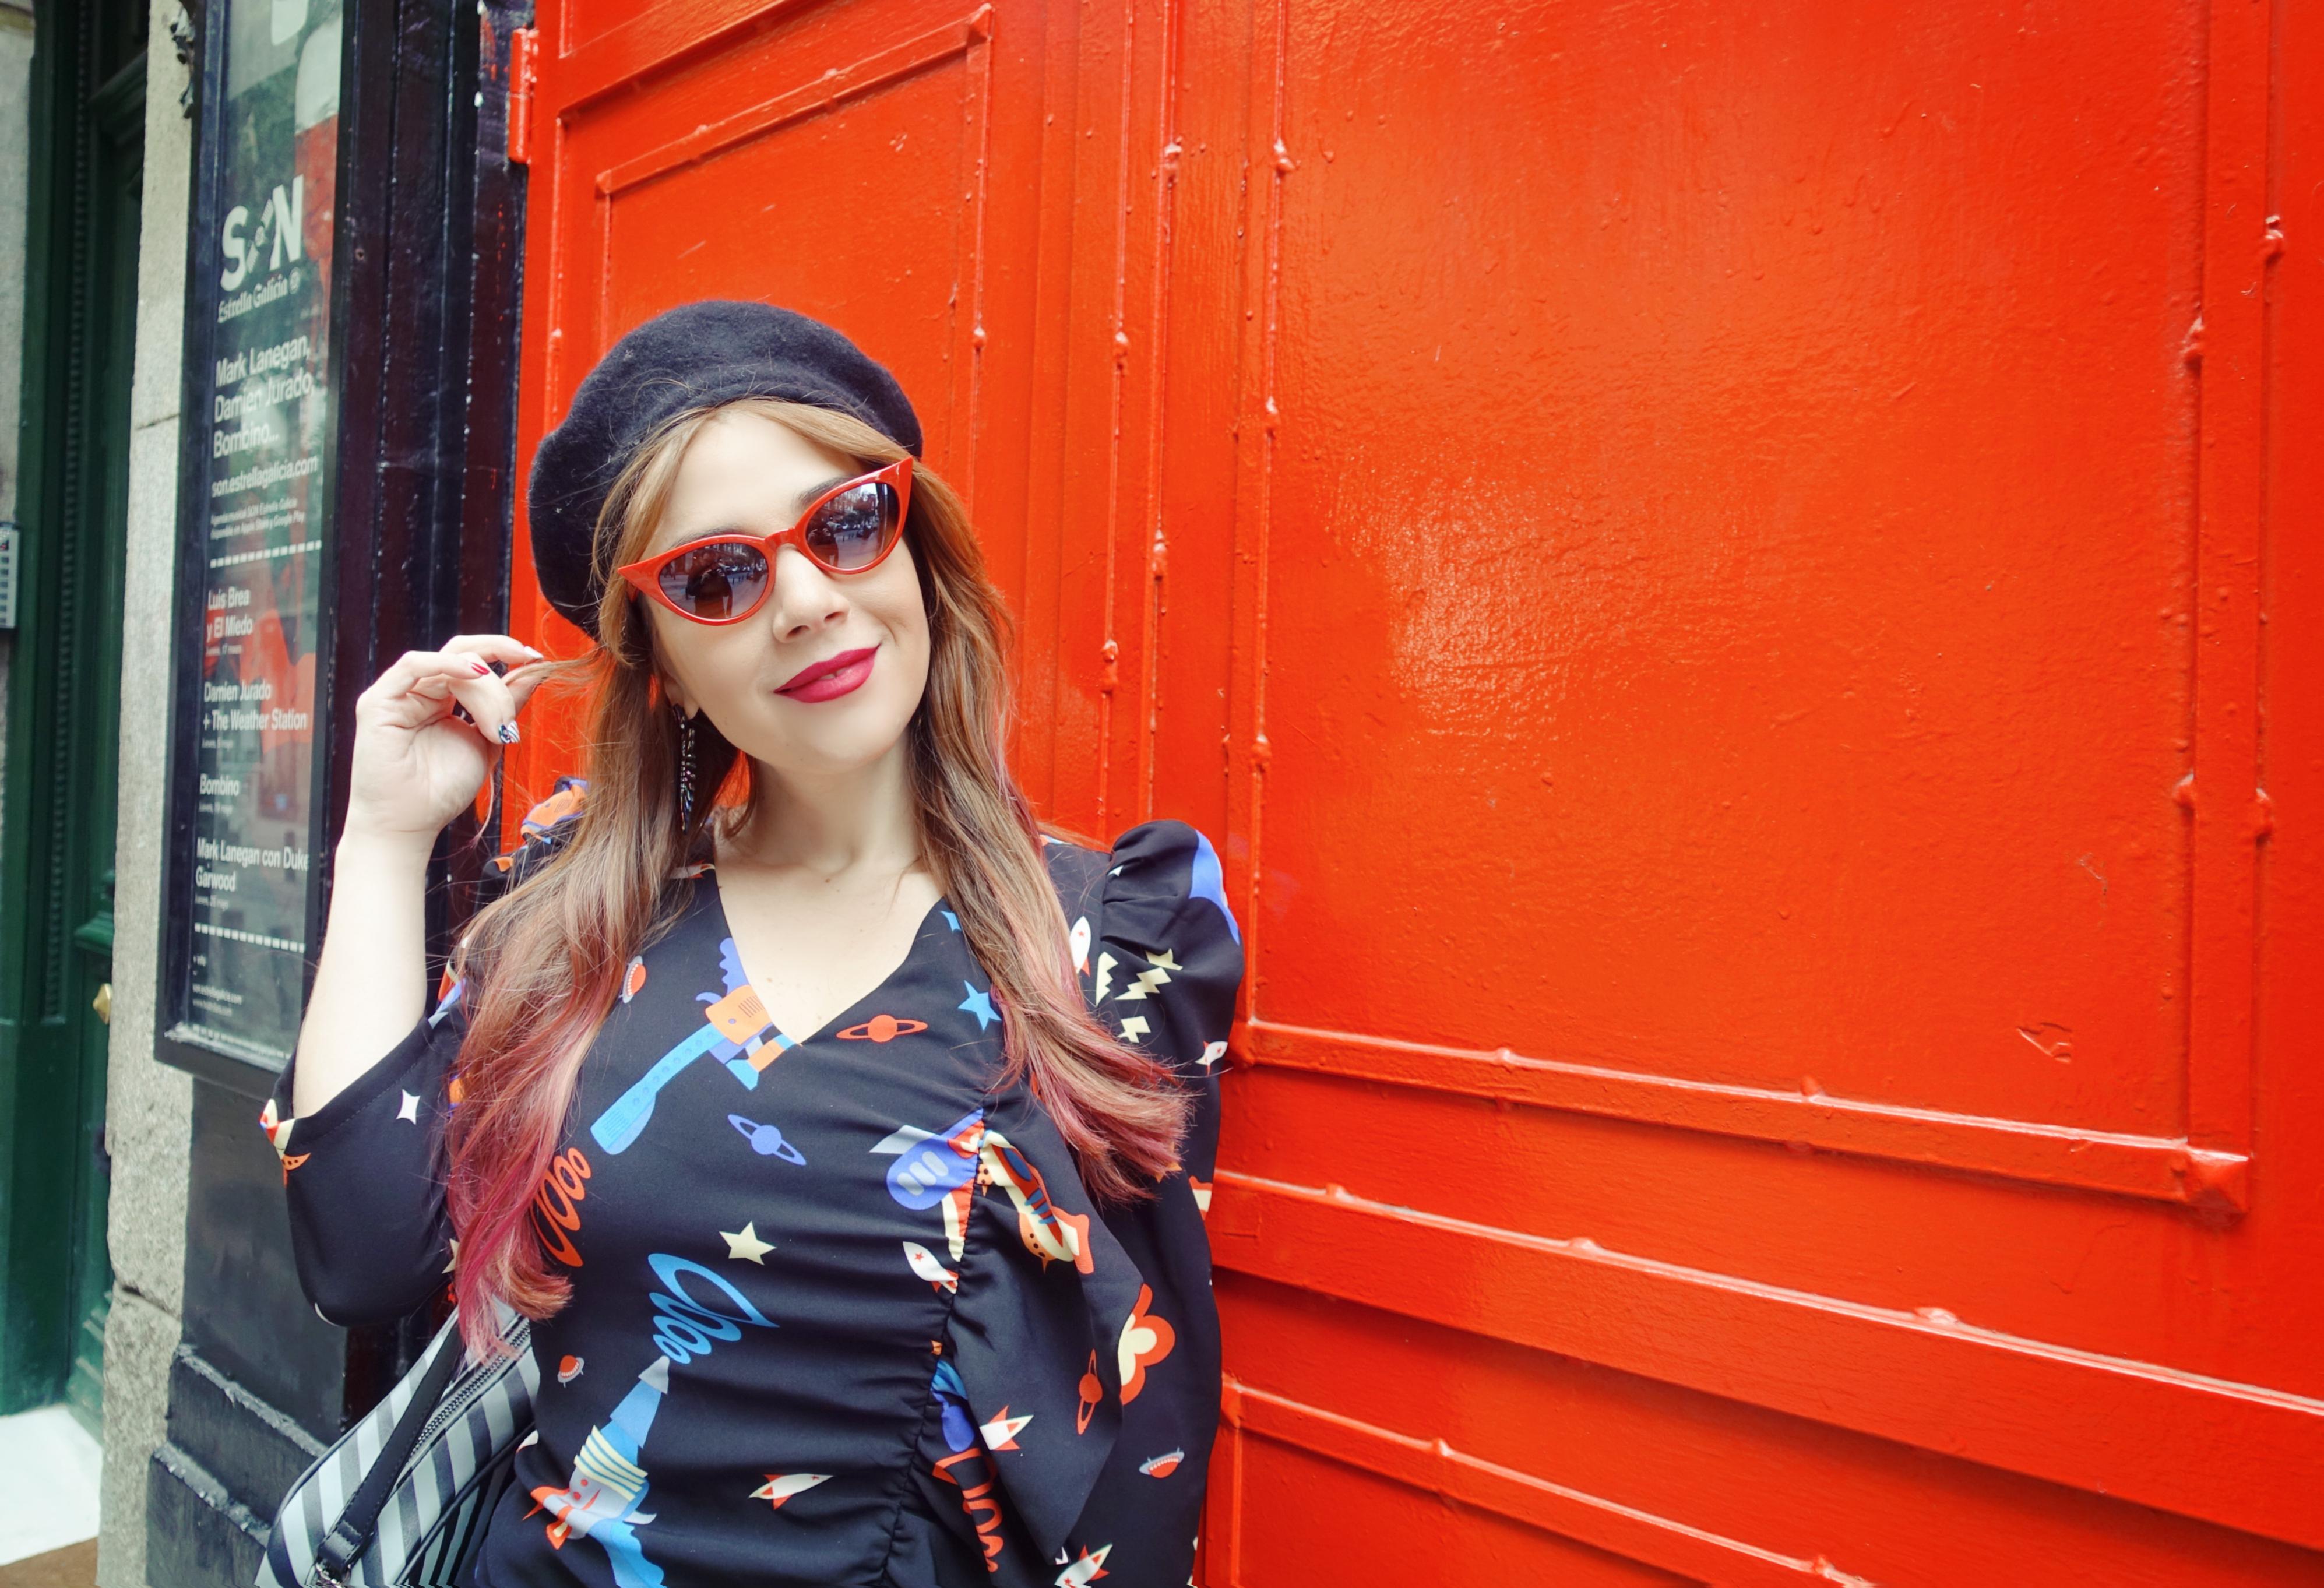 Moda-invierno-2019-blog-de-moda-Chicadicta-influcer-PiensaenChic-estampado-espacial-minueto-dress-Chic-adicta-Piensa-en-Chic